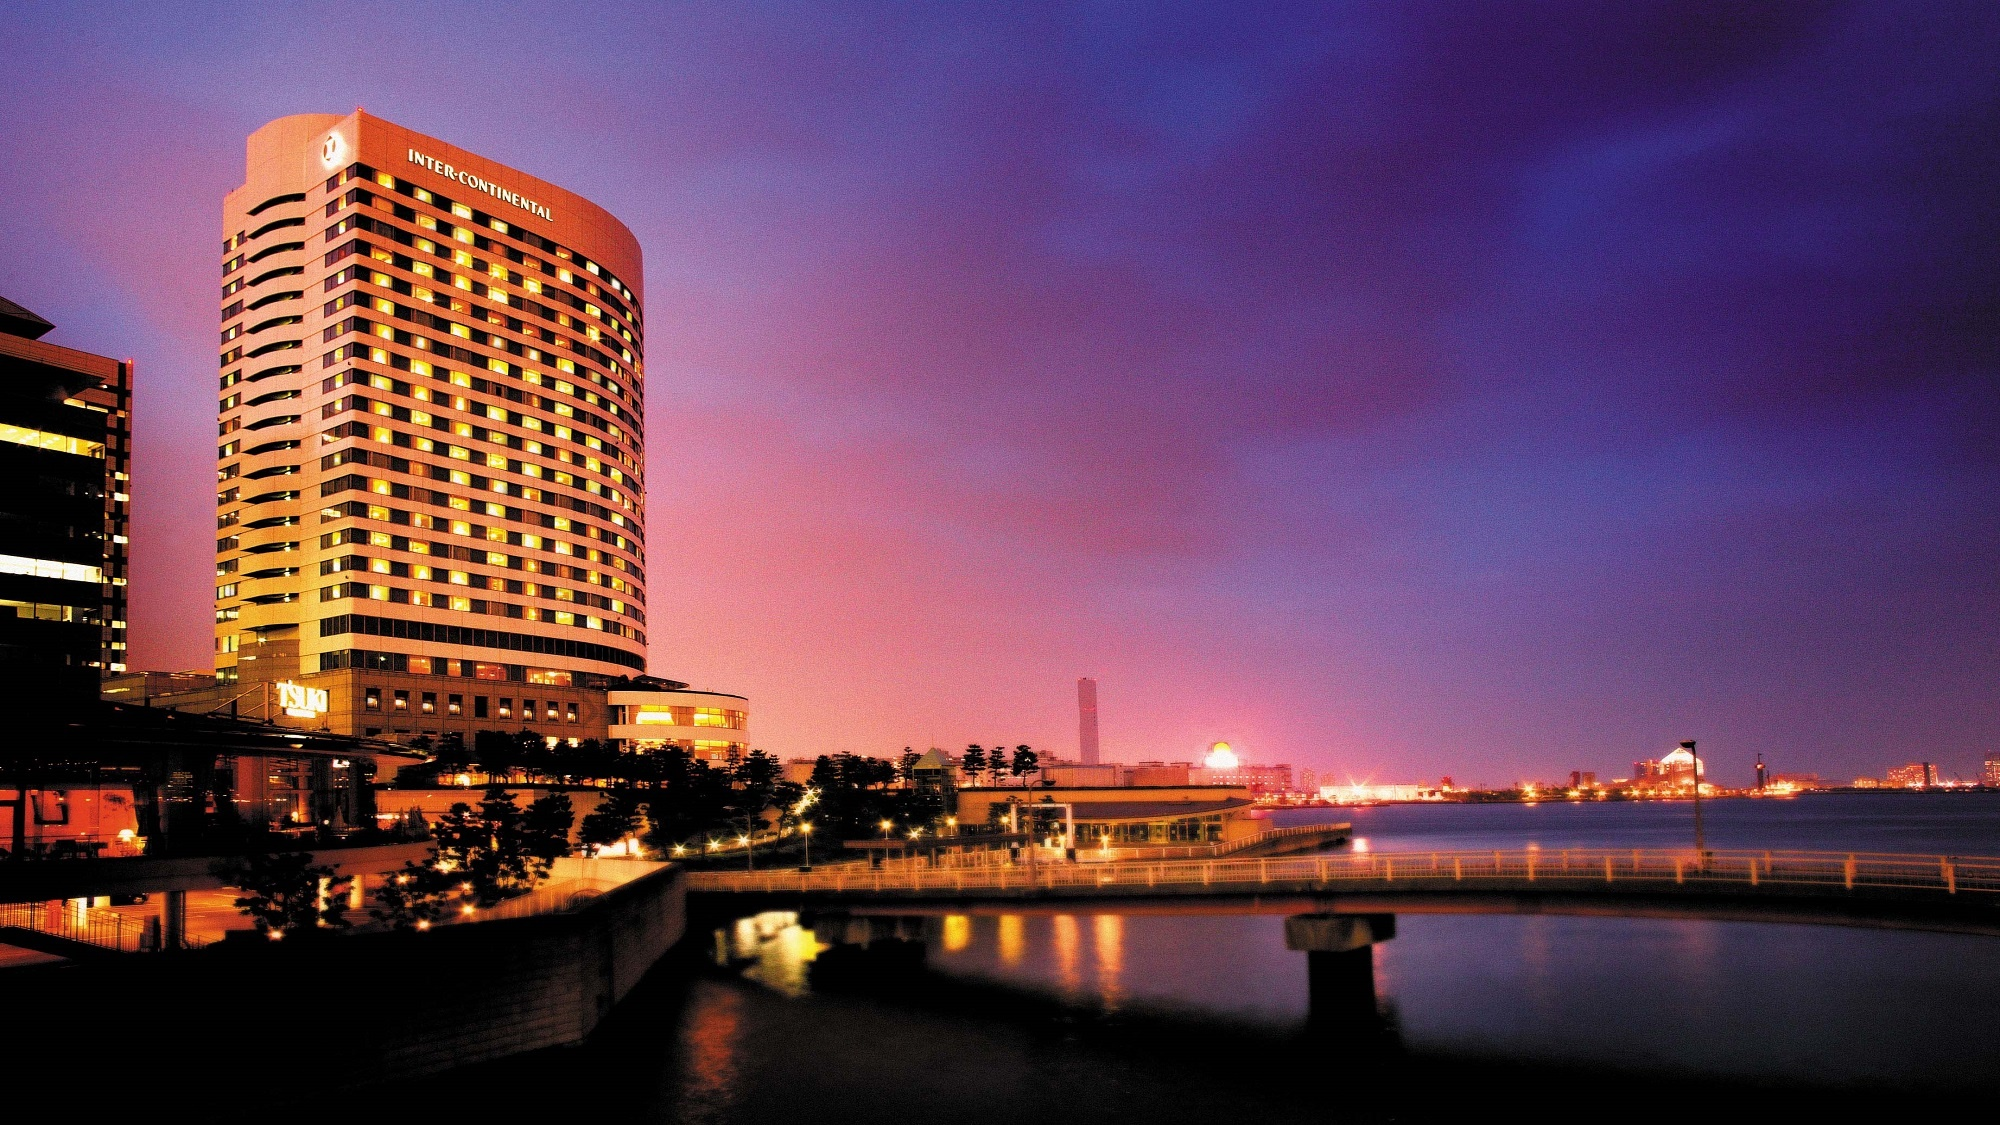 年末に東京ビッグサイトで開催される冬コミに行きます!早めに予約したいので、おすすめビジネスホテルを教えて下さい。予算は一人一泊8千円です